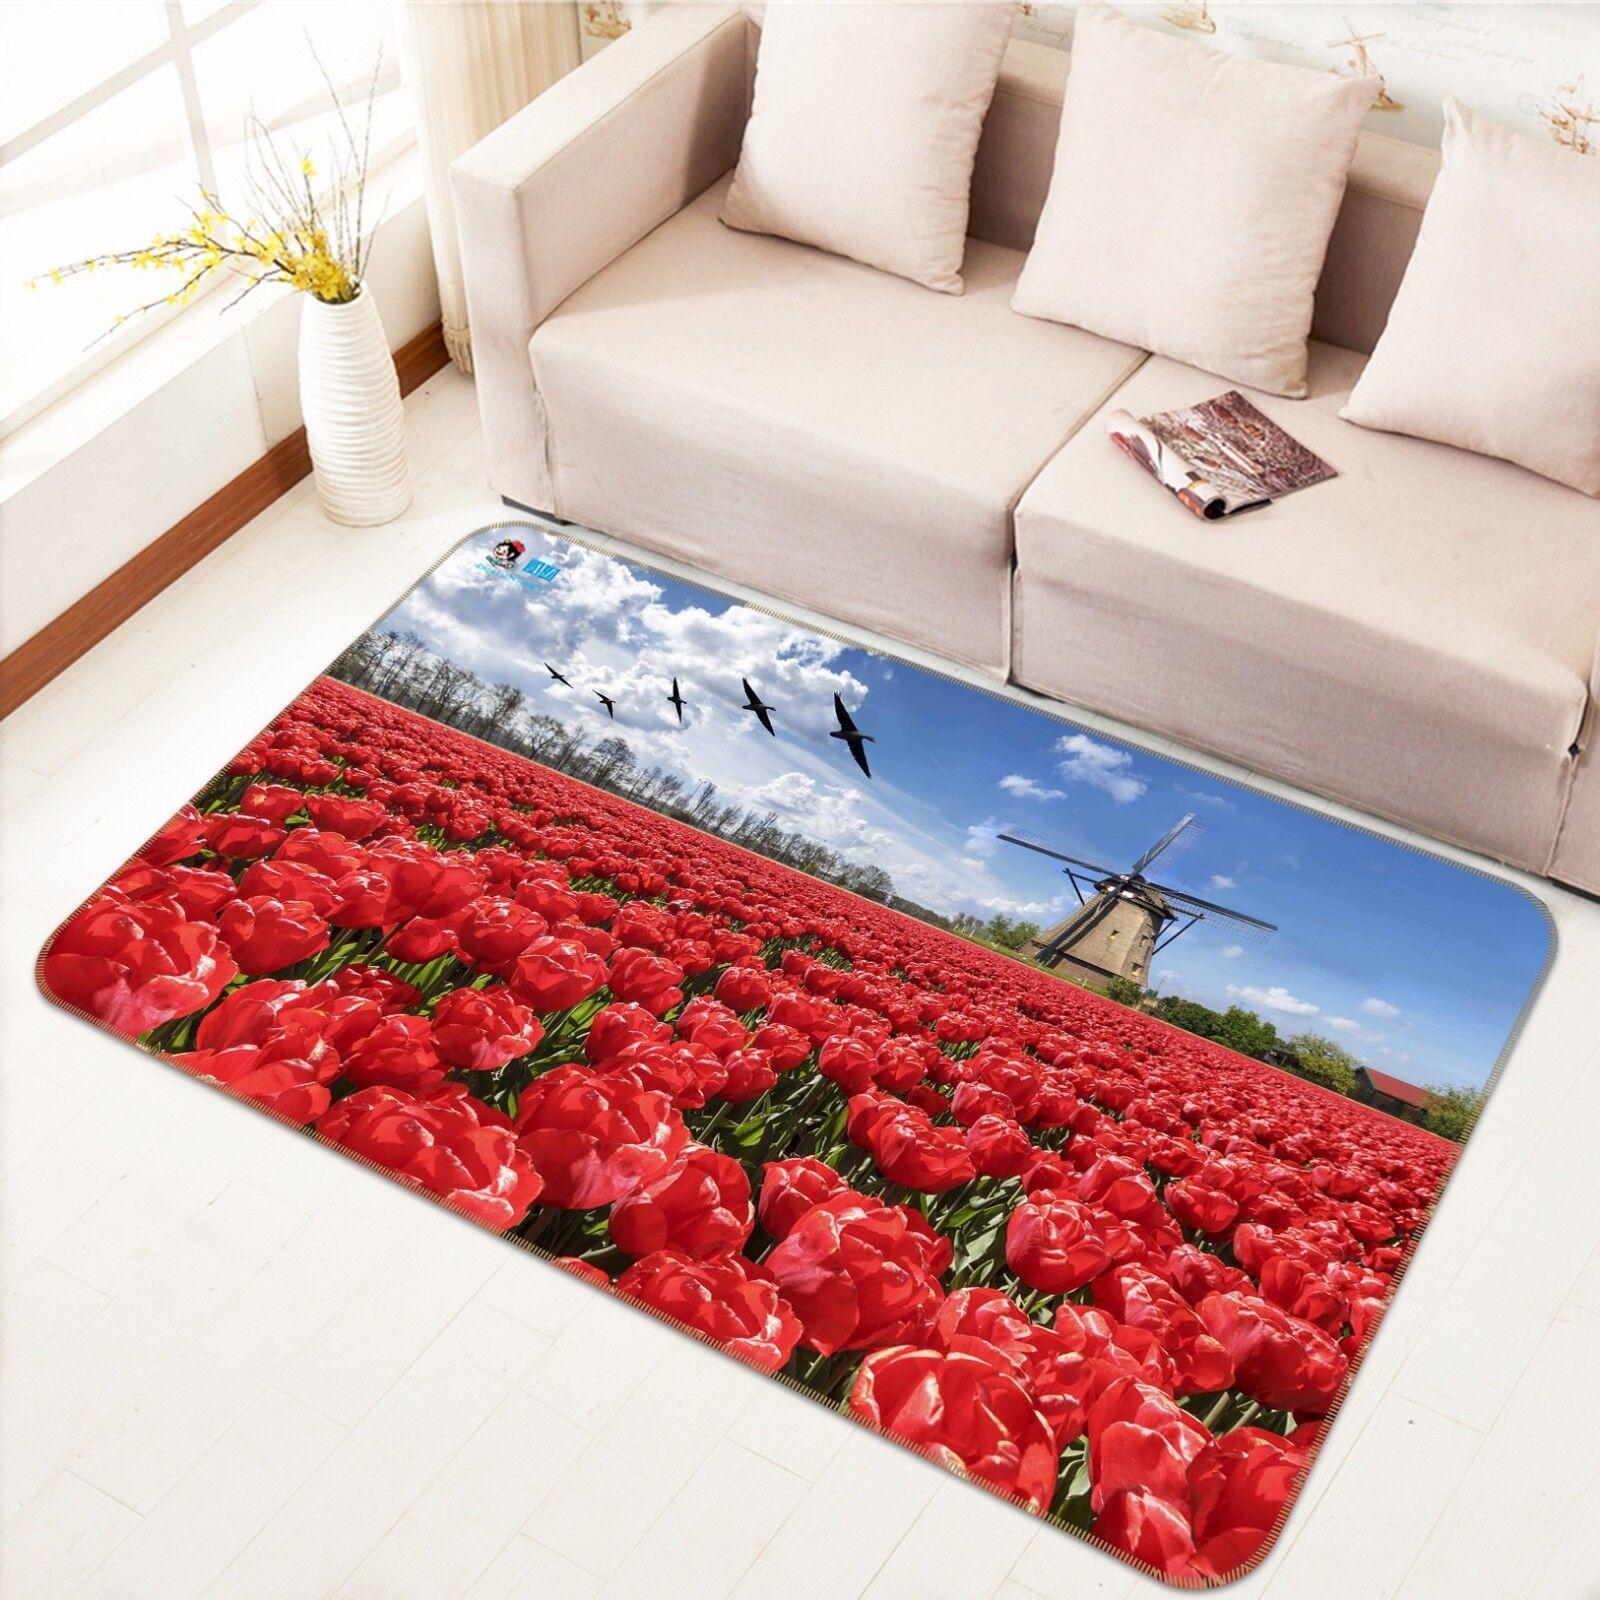 3D Rouge Fleurs 212 Étage Élégant Antidérapant Natte Élégant Étage Tapis FR Tiffany a3a45c